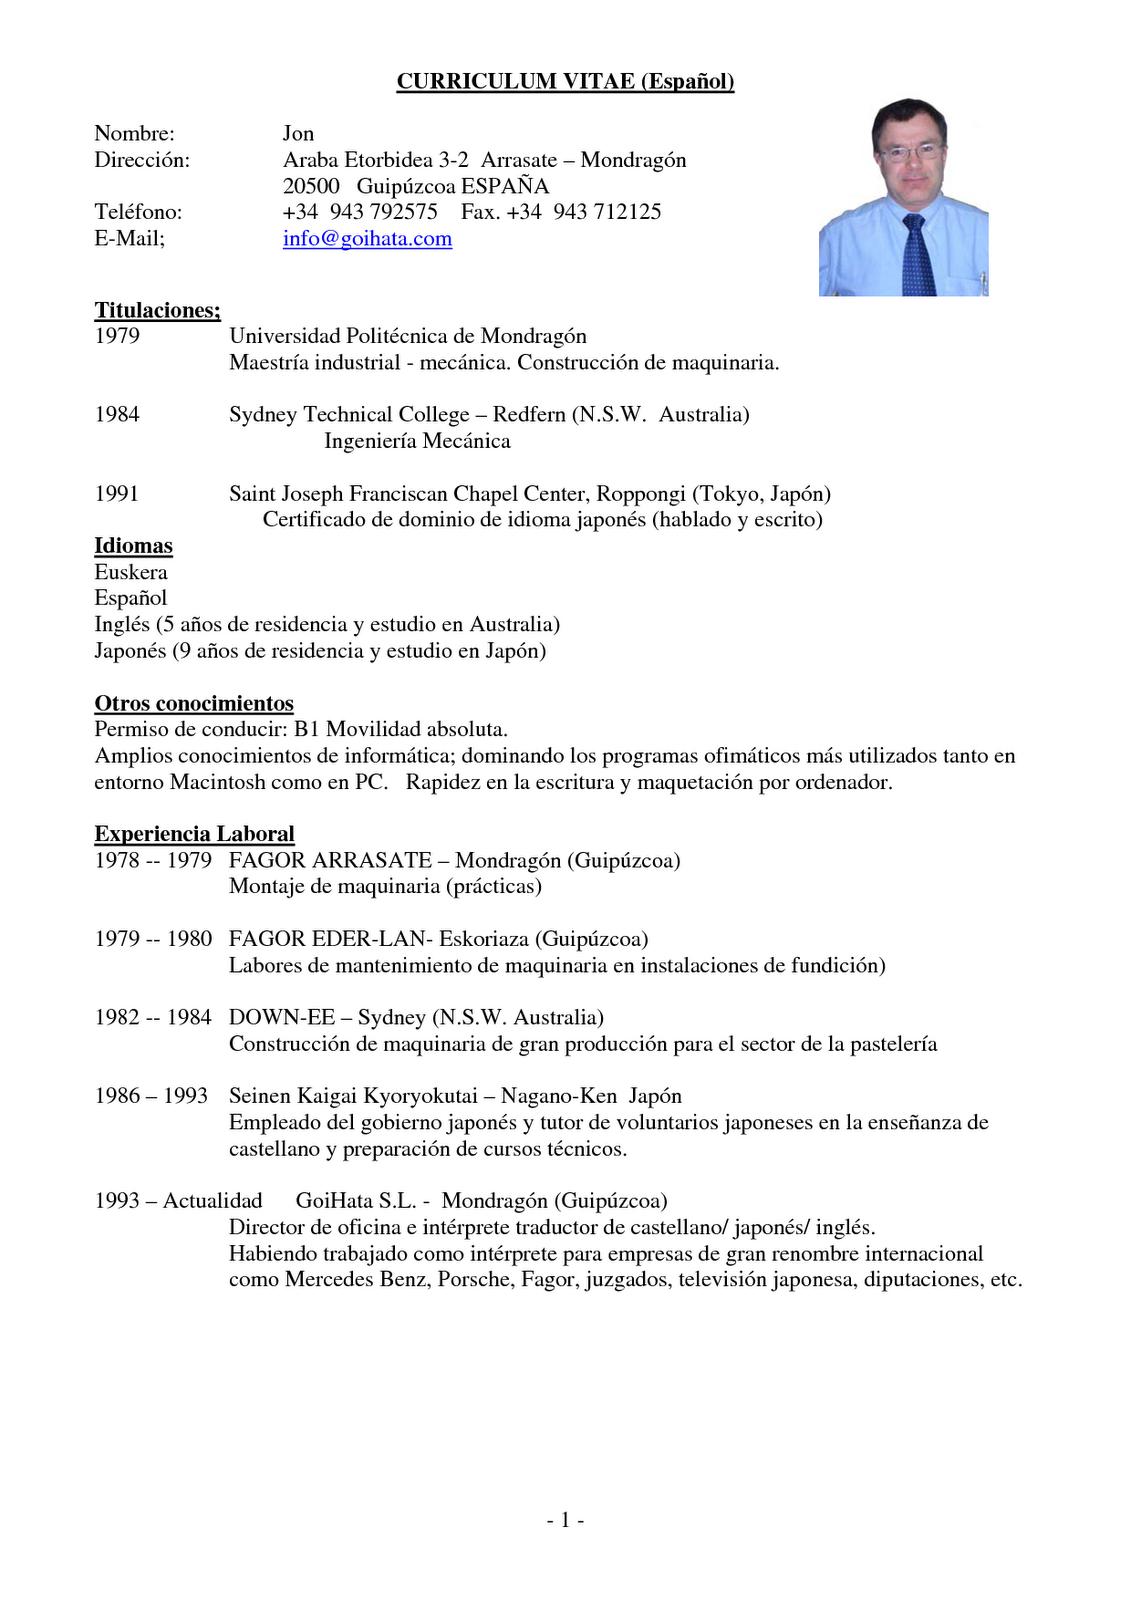 cbcb Curriculum Vitae Medico on